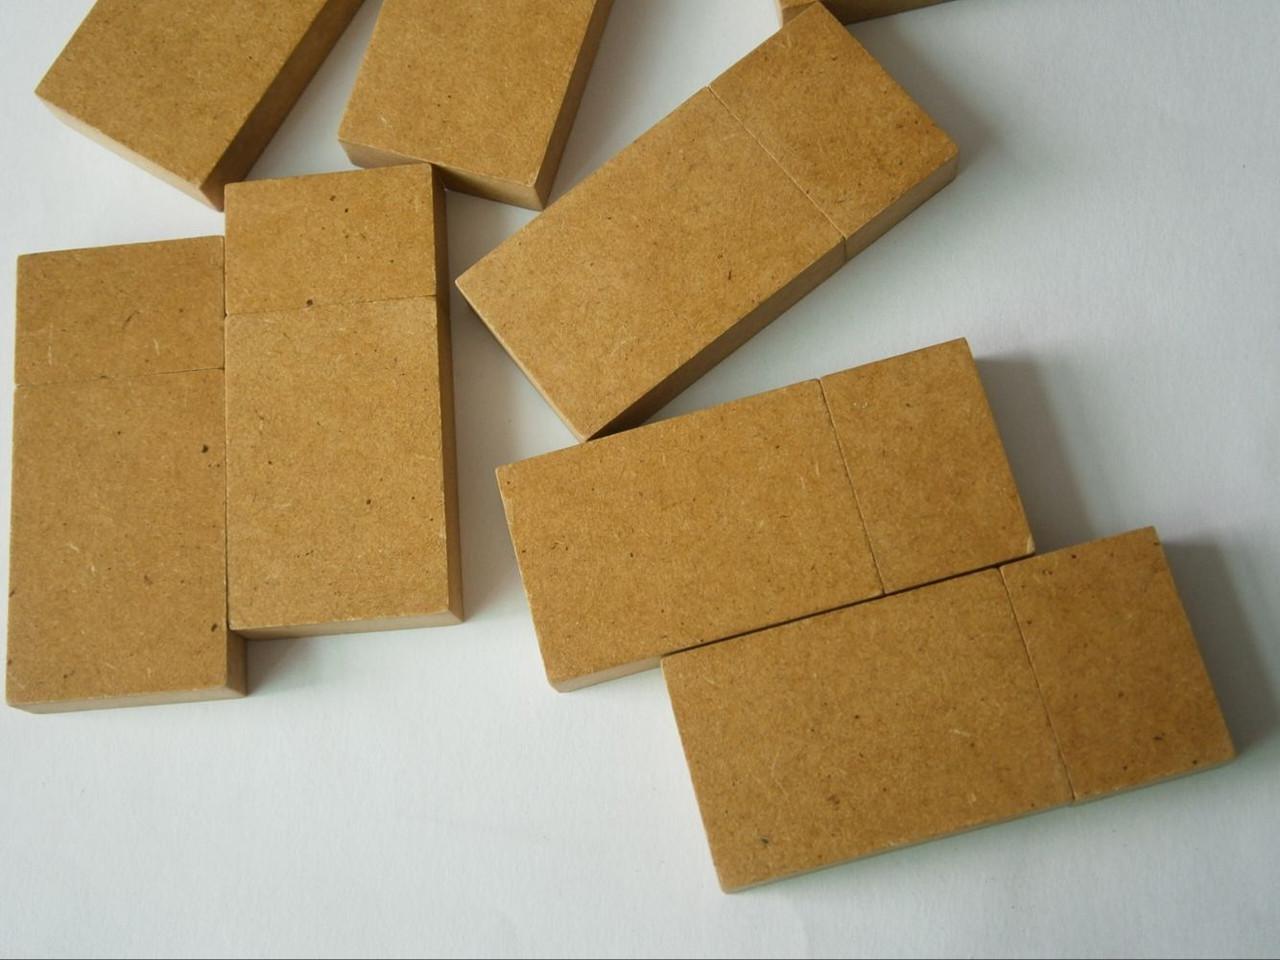 Эко флешка из бумаги 2, 4, 8, 16, 32, 64 гб под нанесение.